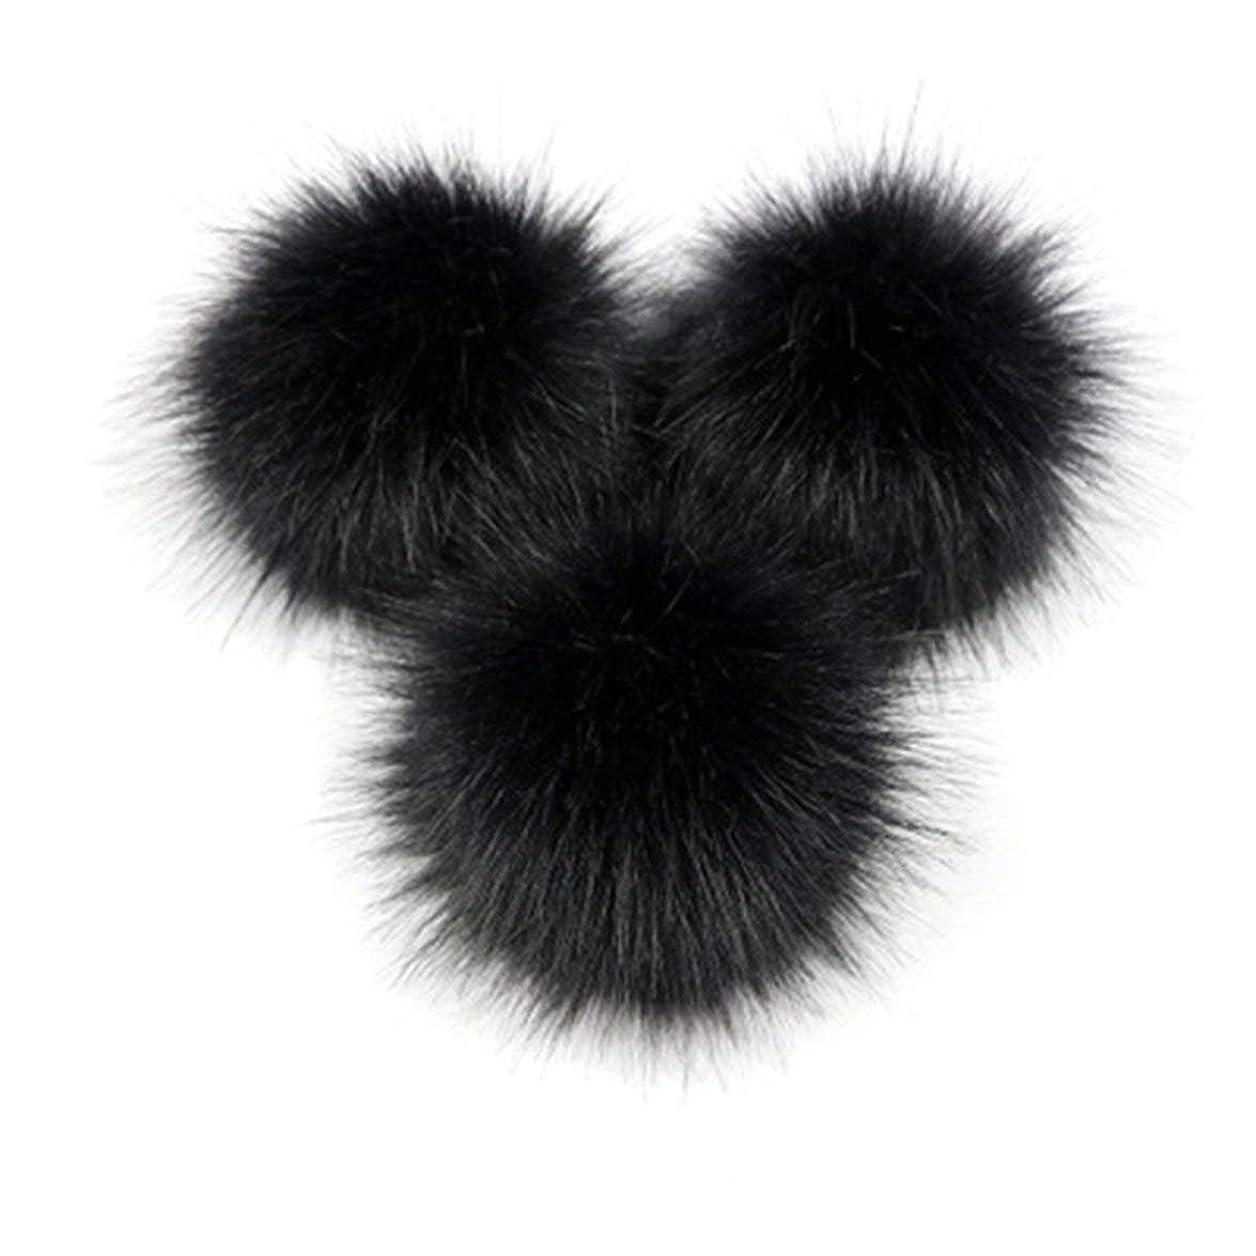 消化器ベーリング海峡コカインKongqiabonaかわいいキツネの毛皮のポンポン取り外し可能な毛皮ふわふわボブルボールでプレスボタン用diy帽子キャップバッグ服靴の装飾